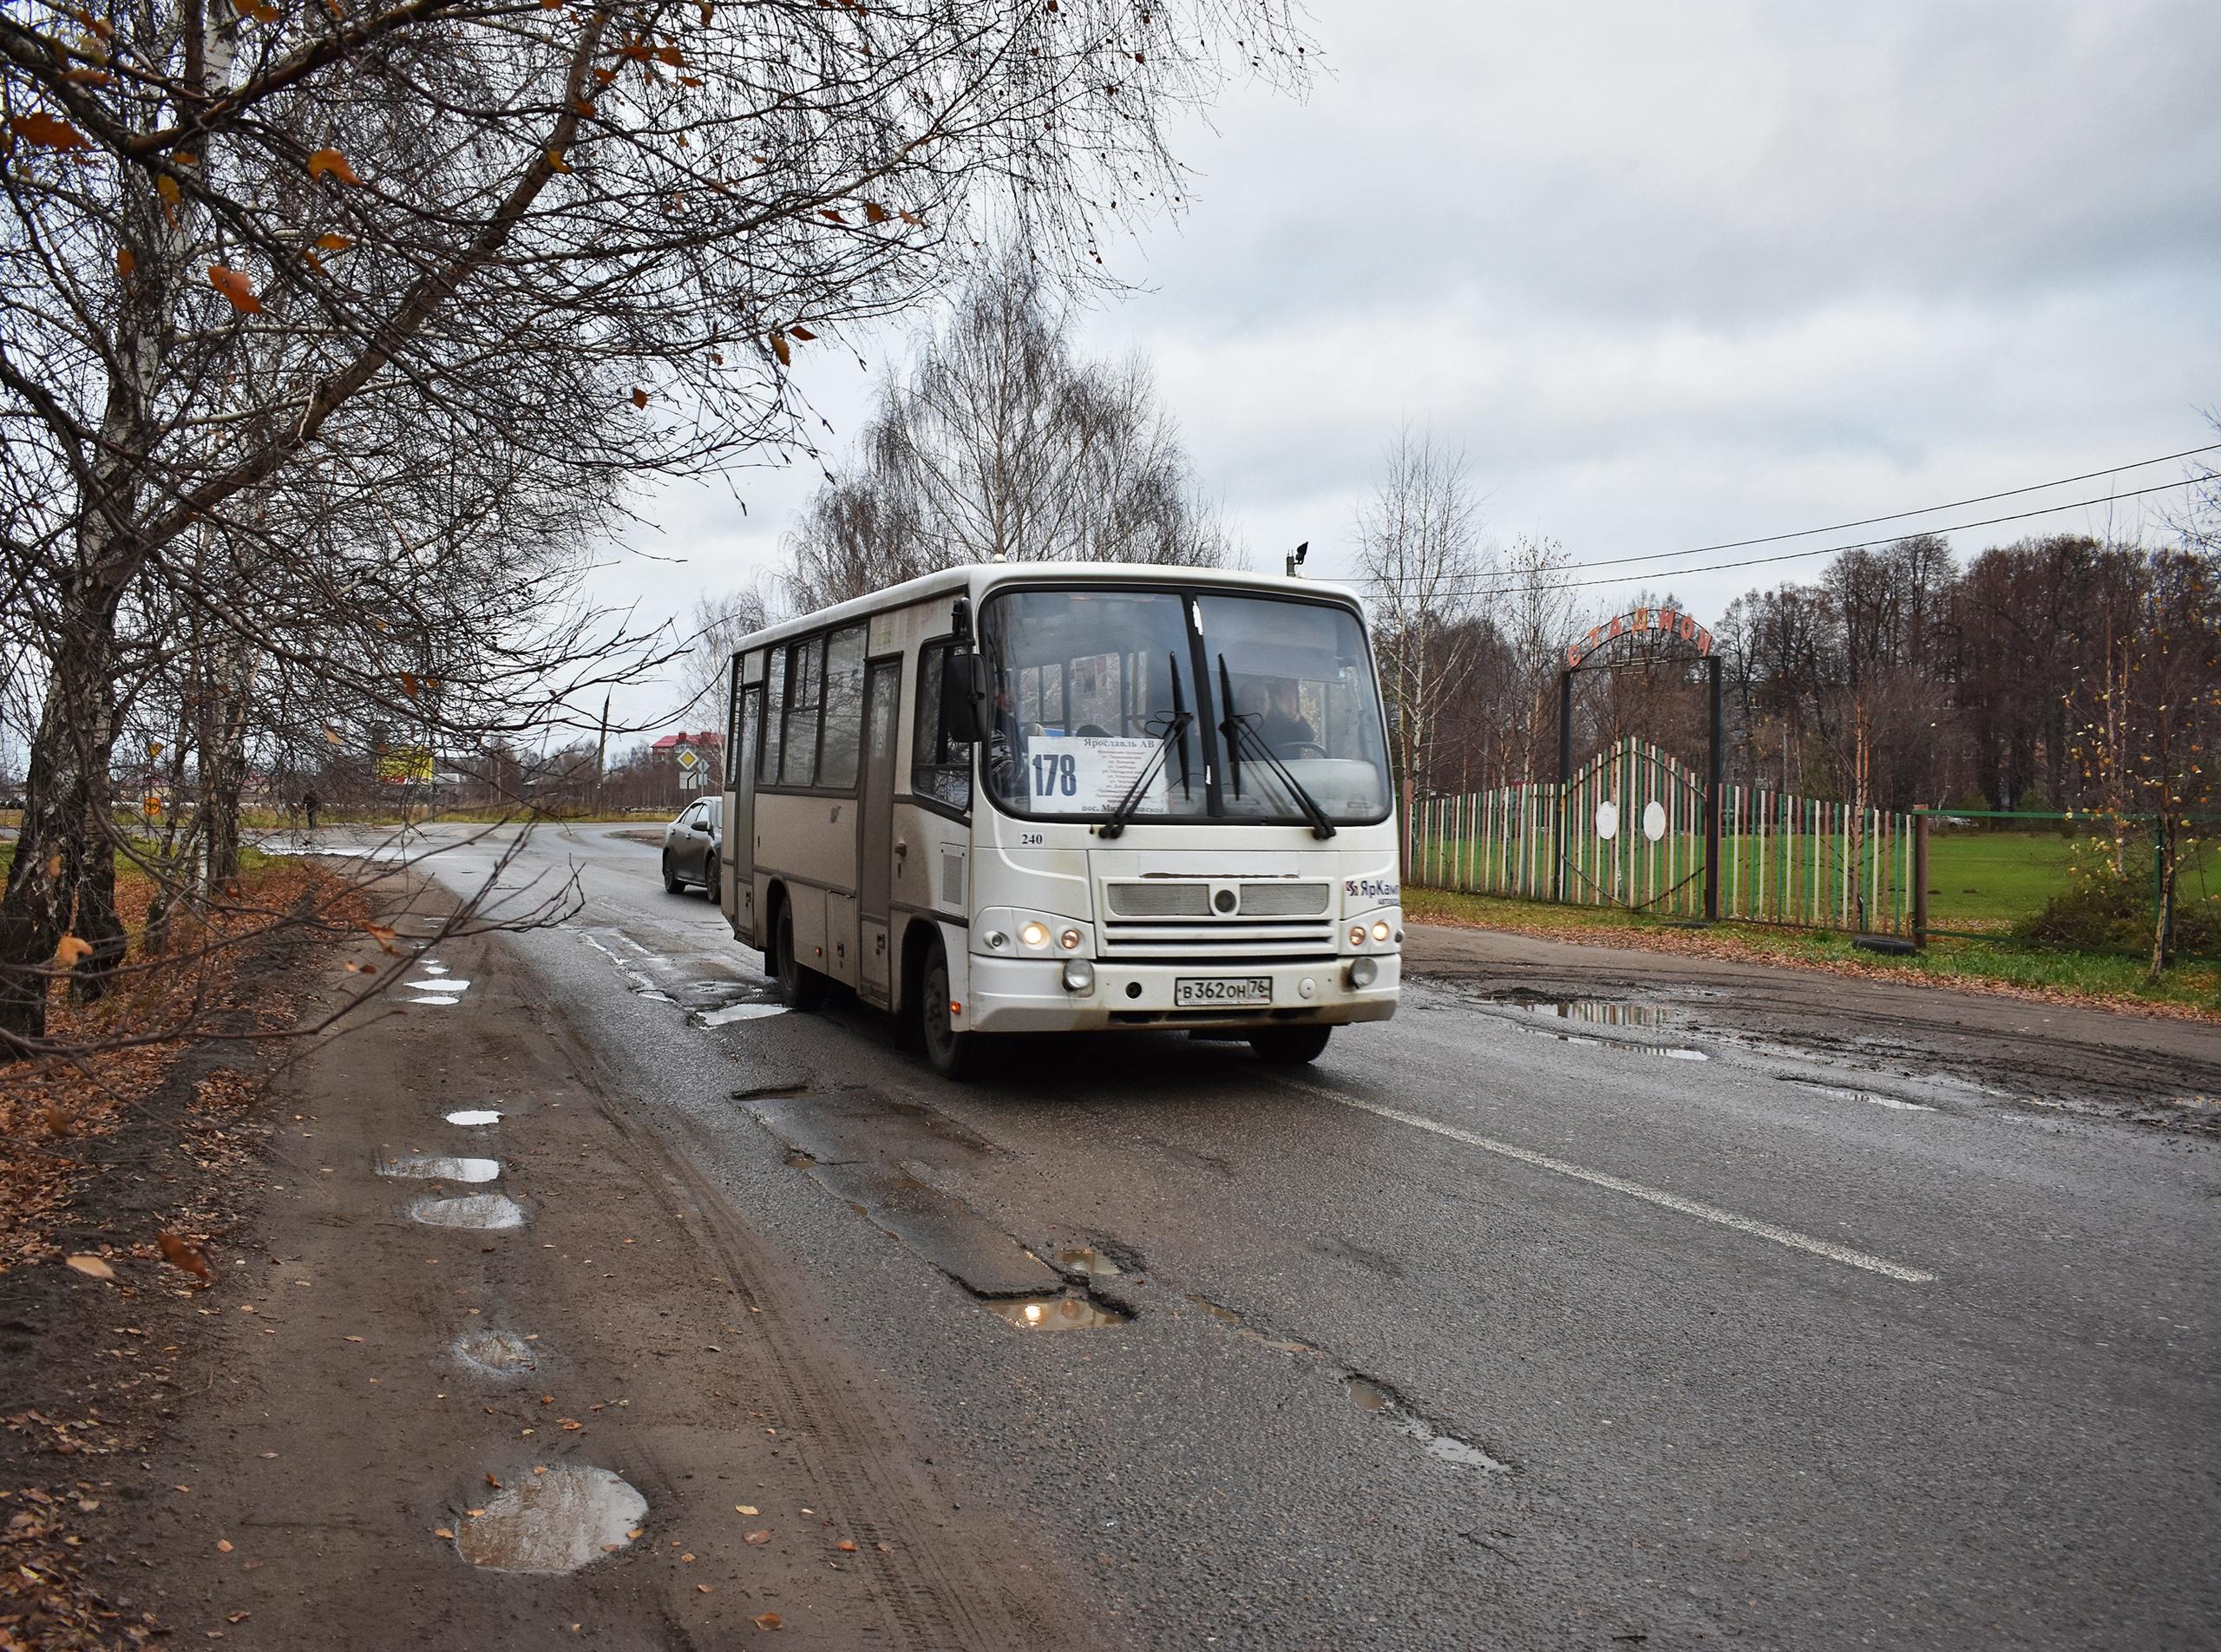 Пригородный автобус №178